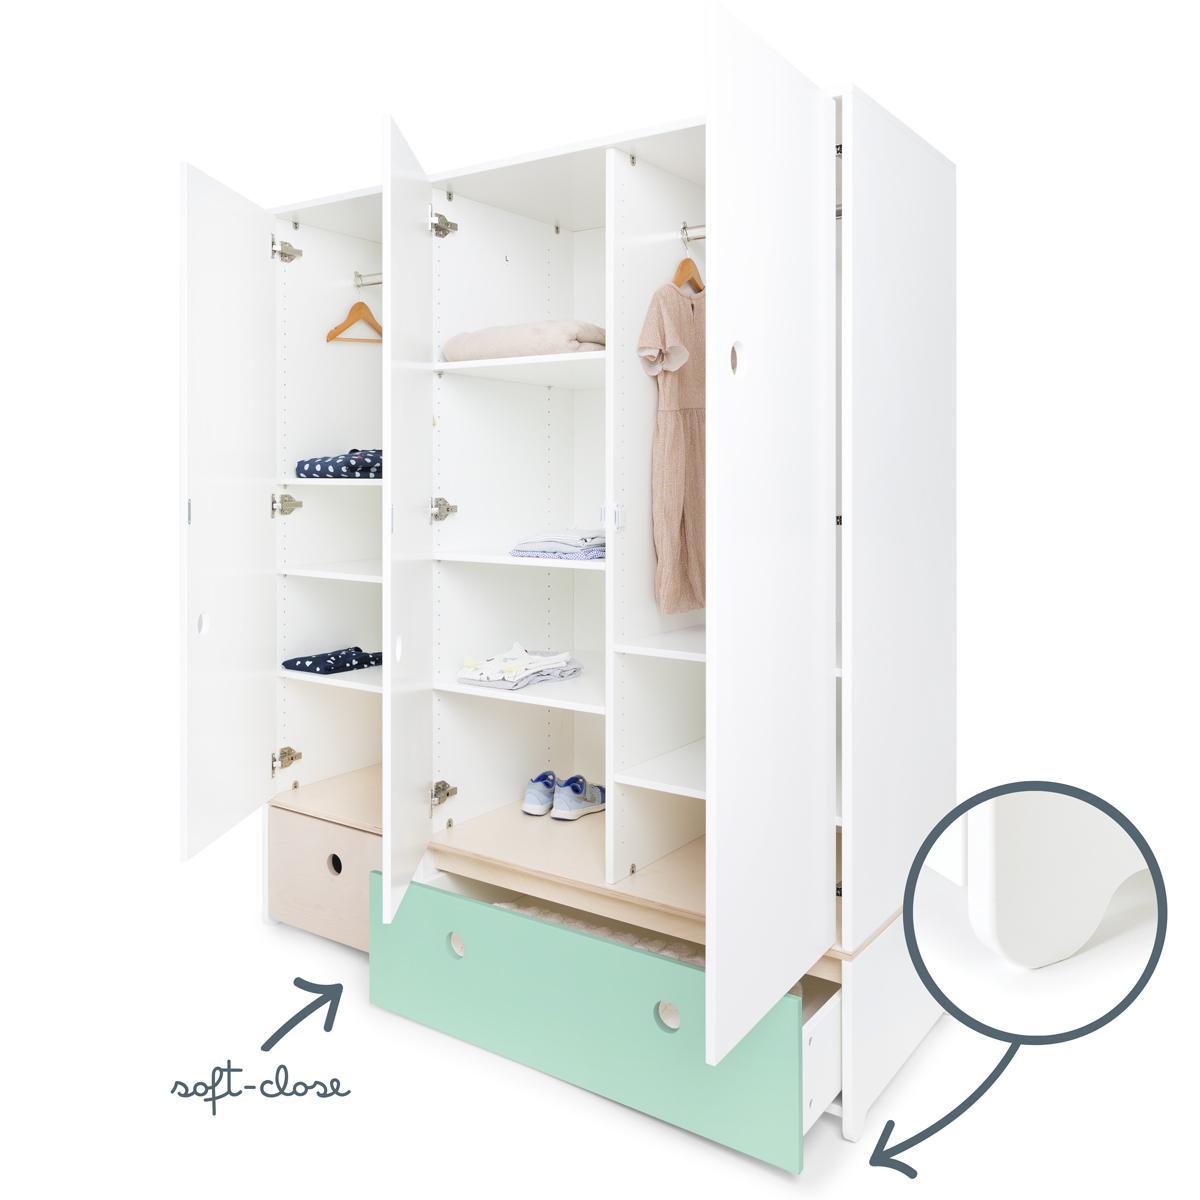 Armoire 3 portes COLORFLEX façades tiroirs white wash-mint